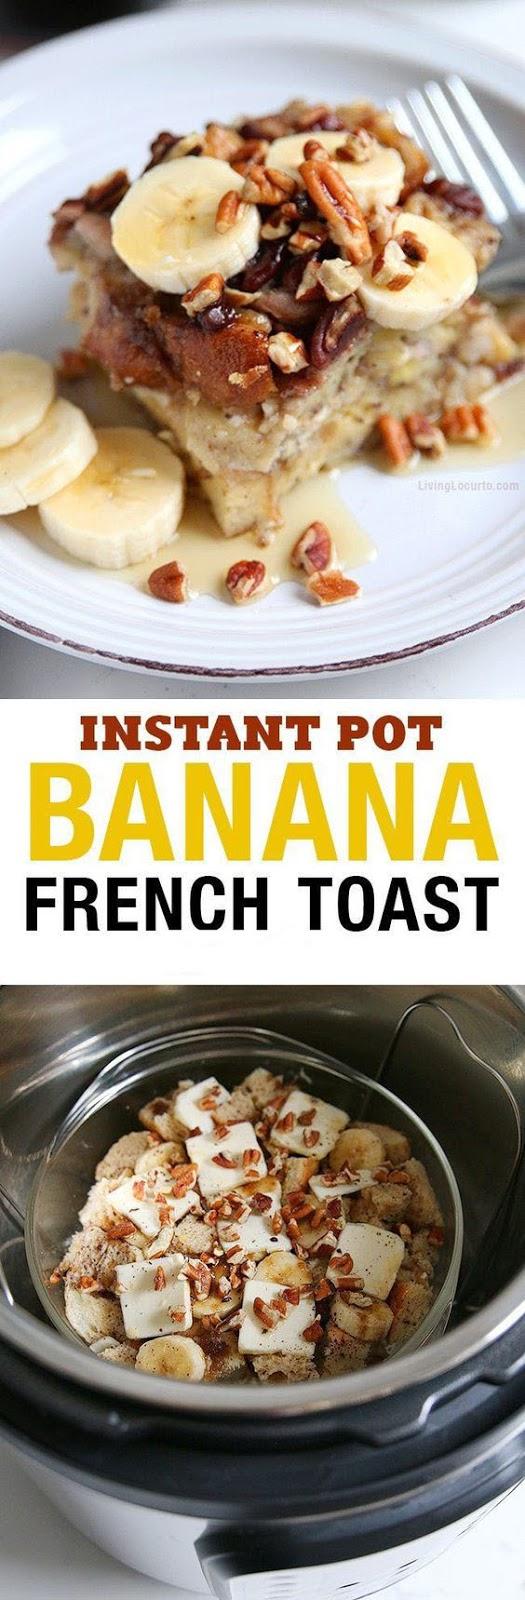 Instant Pot Banana French Toast